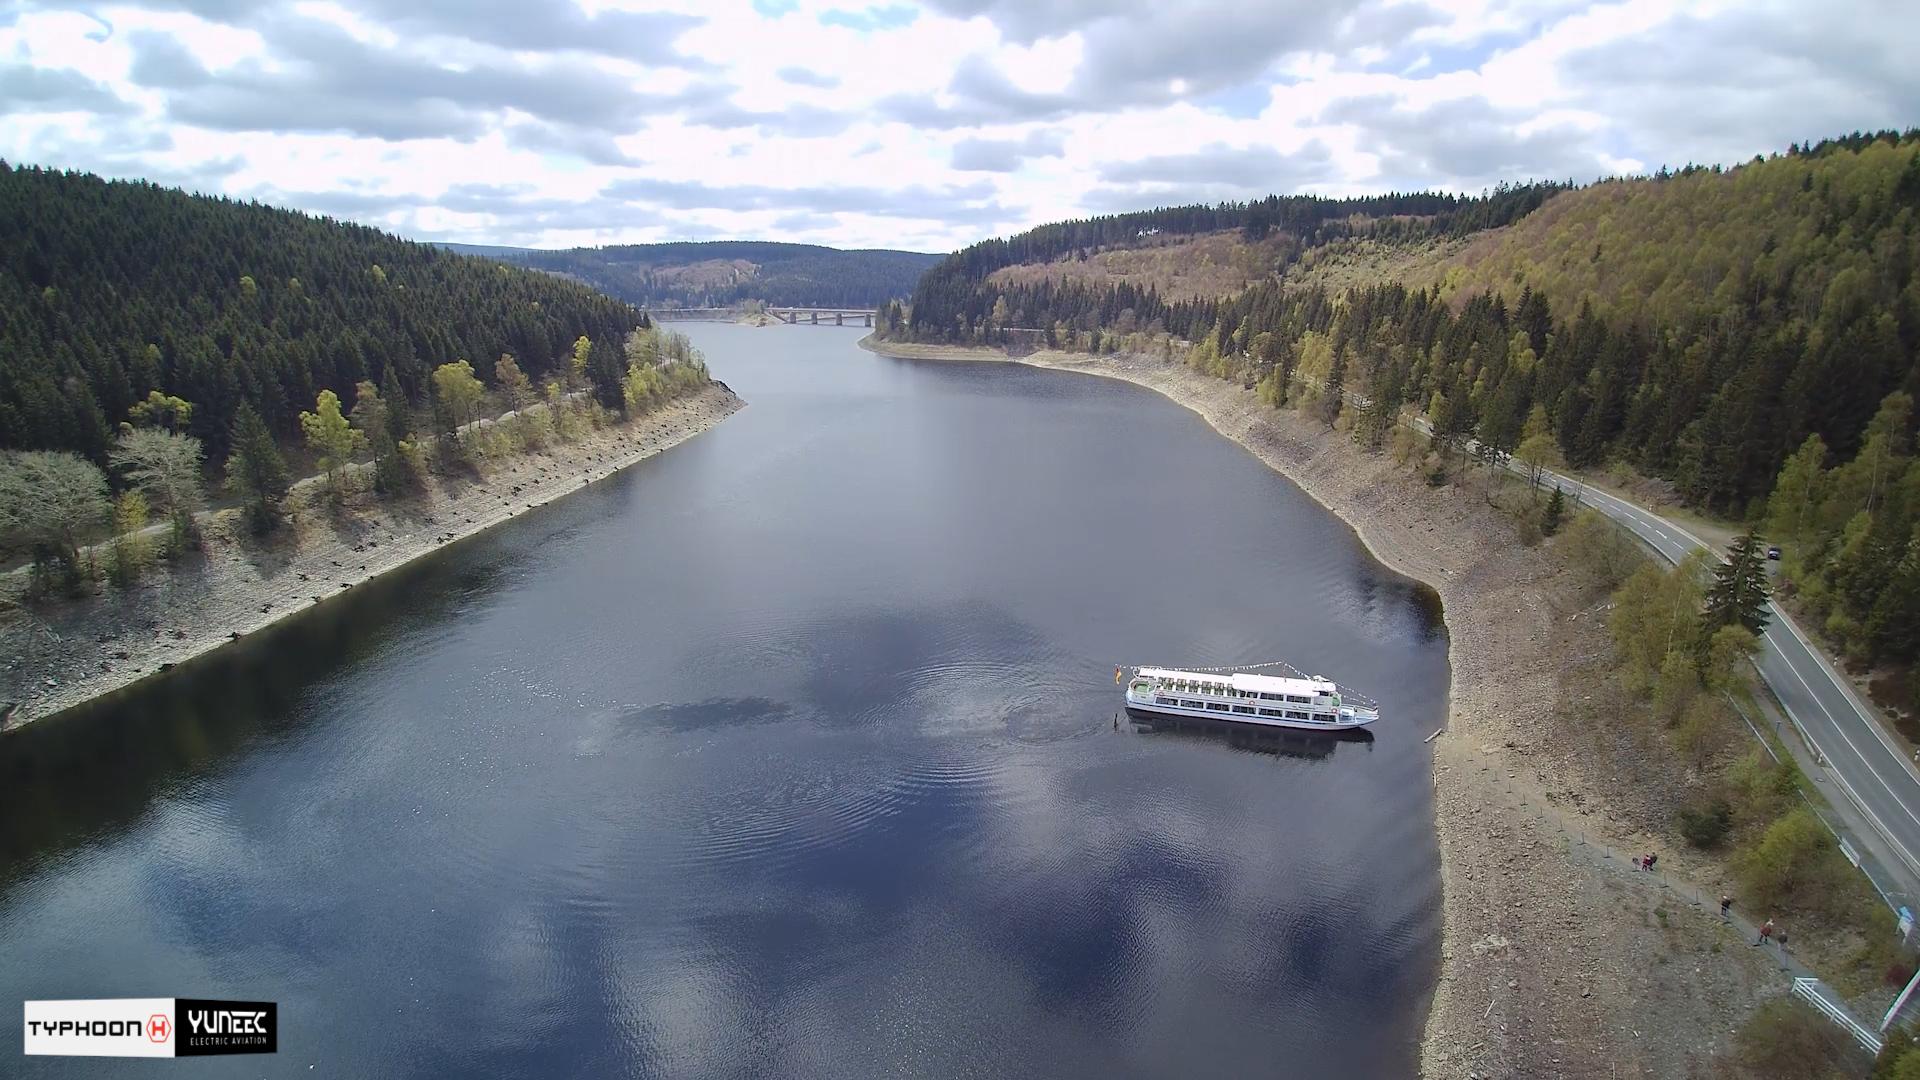 Niedersachsens höchstgelegene Linienschiffverbindung